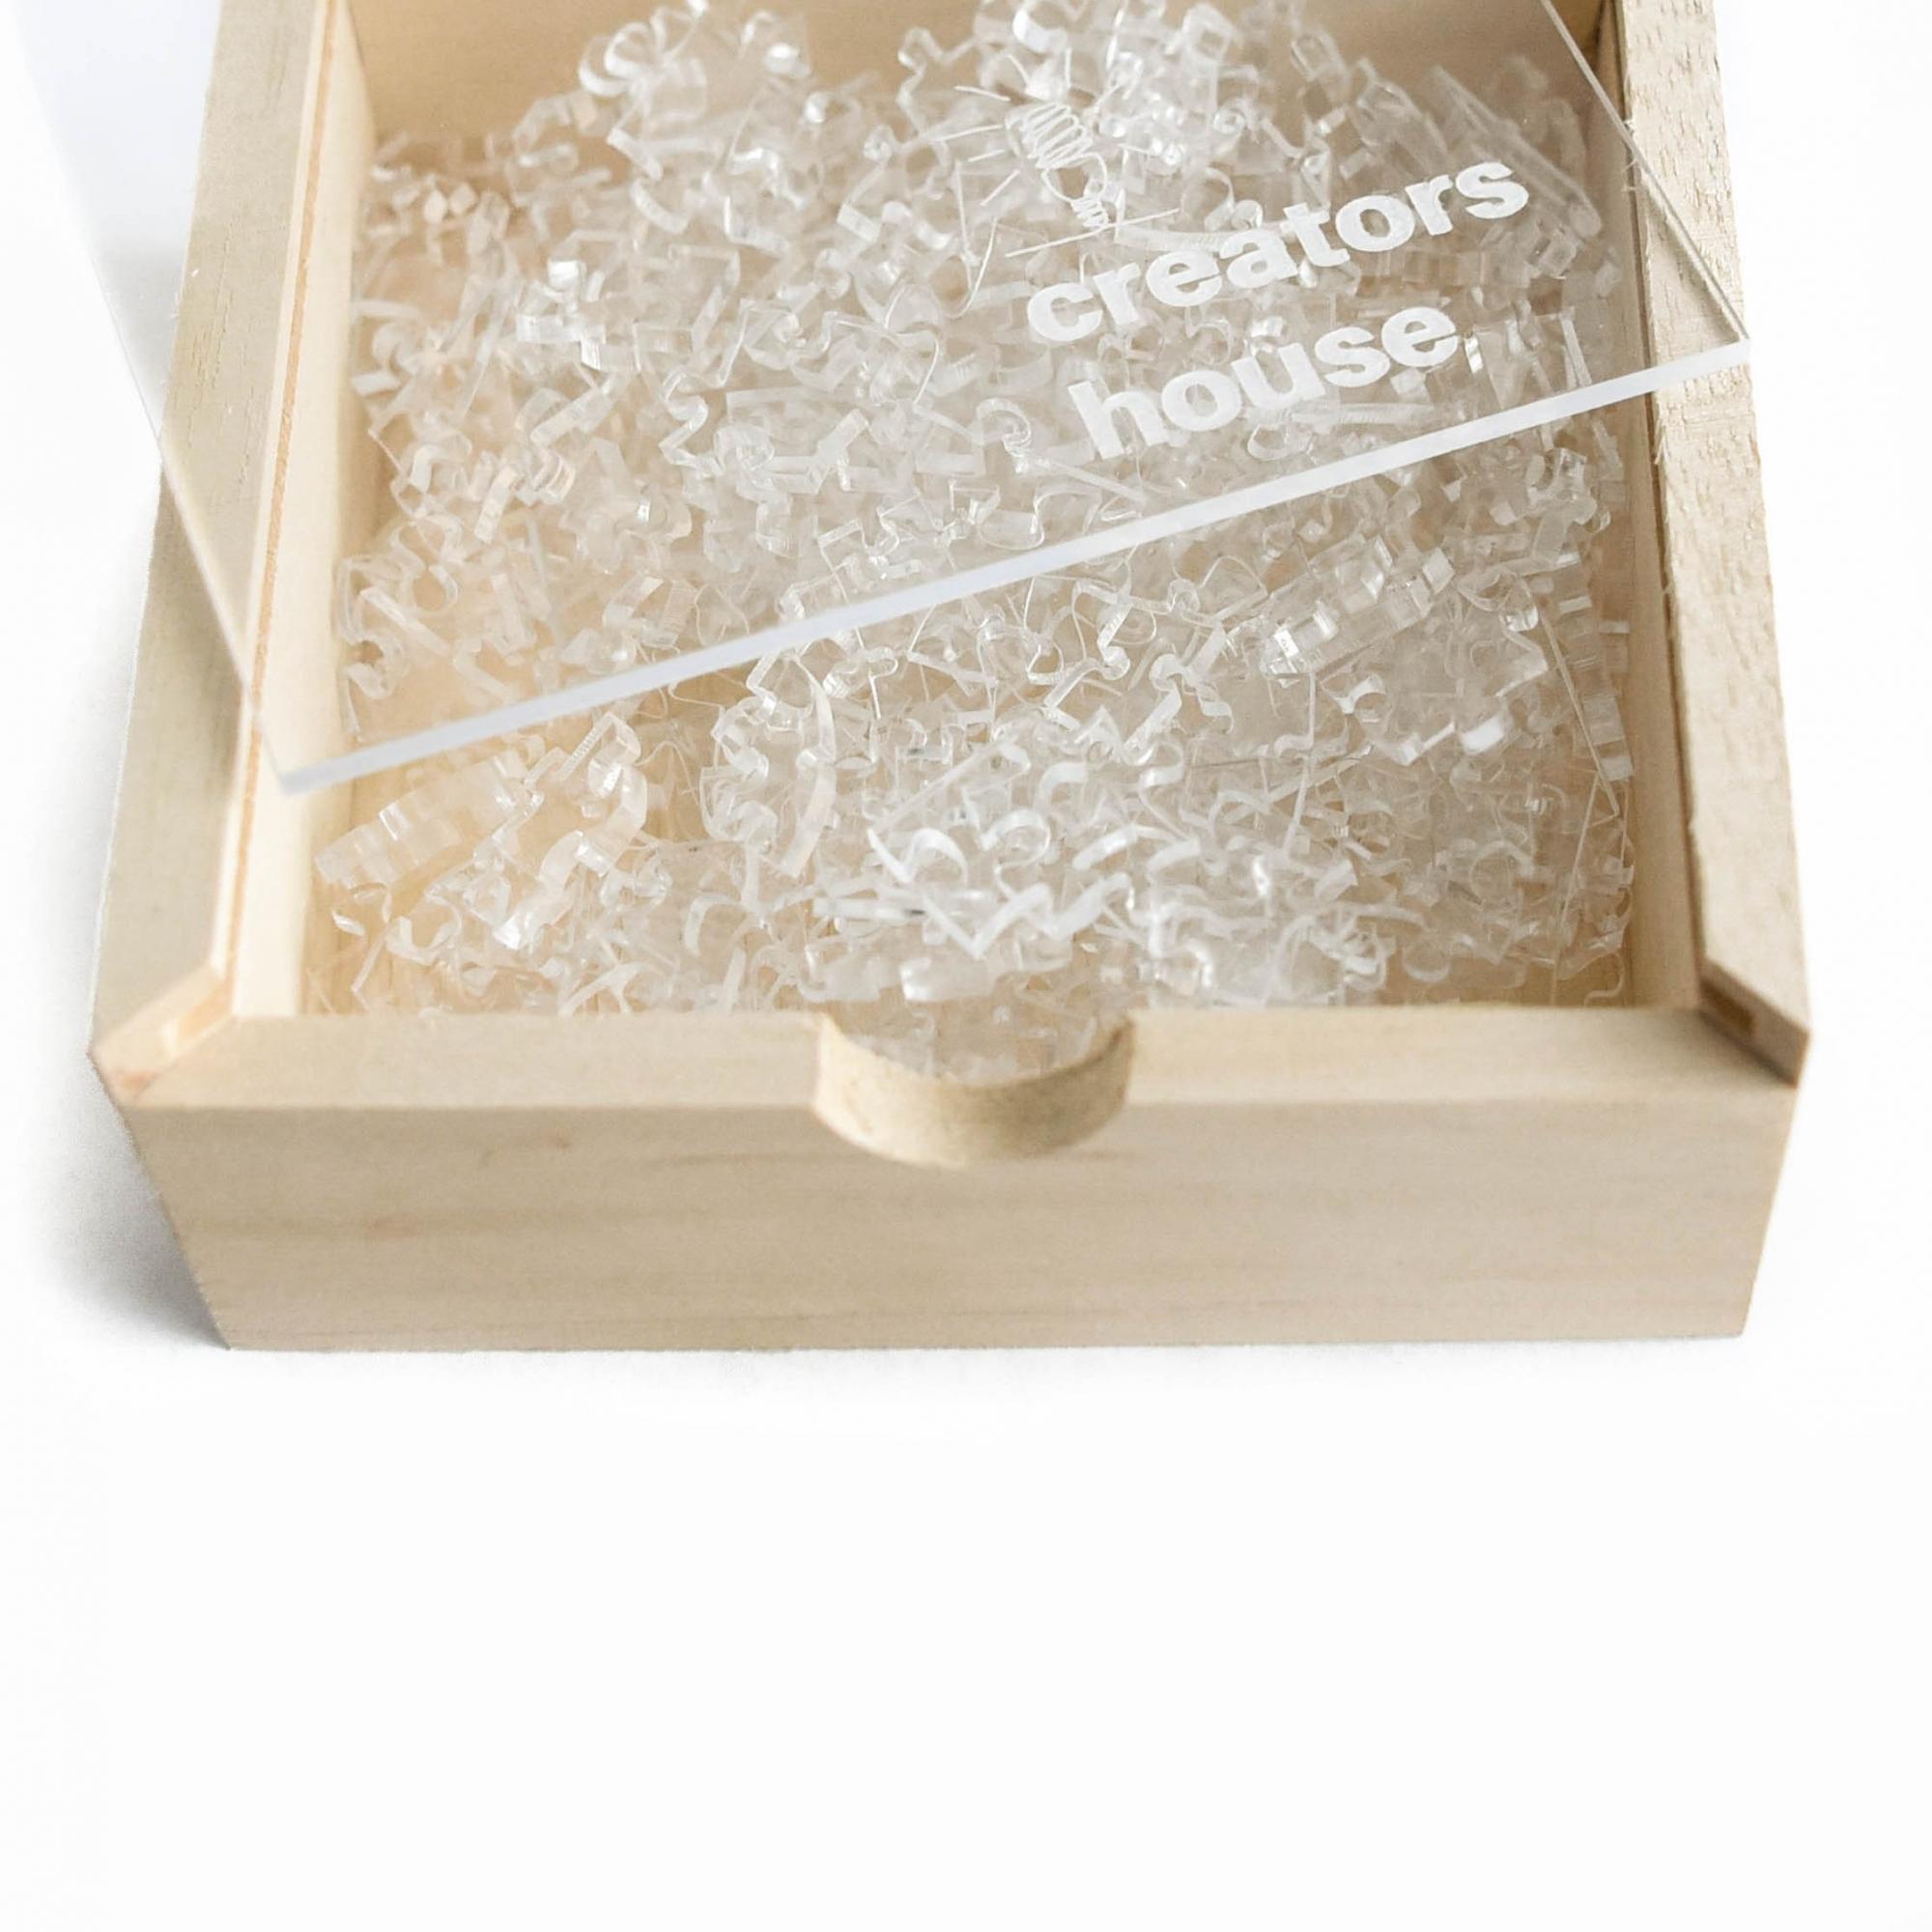 Quebra Cabeça Transparente Médio (70 Peças)  + Caixa